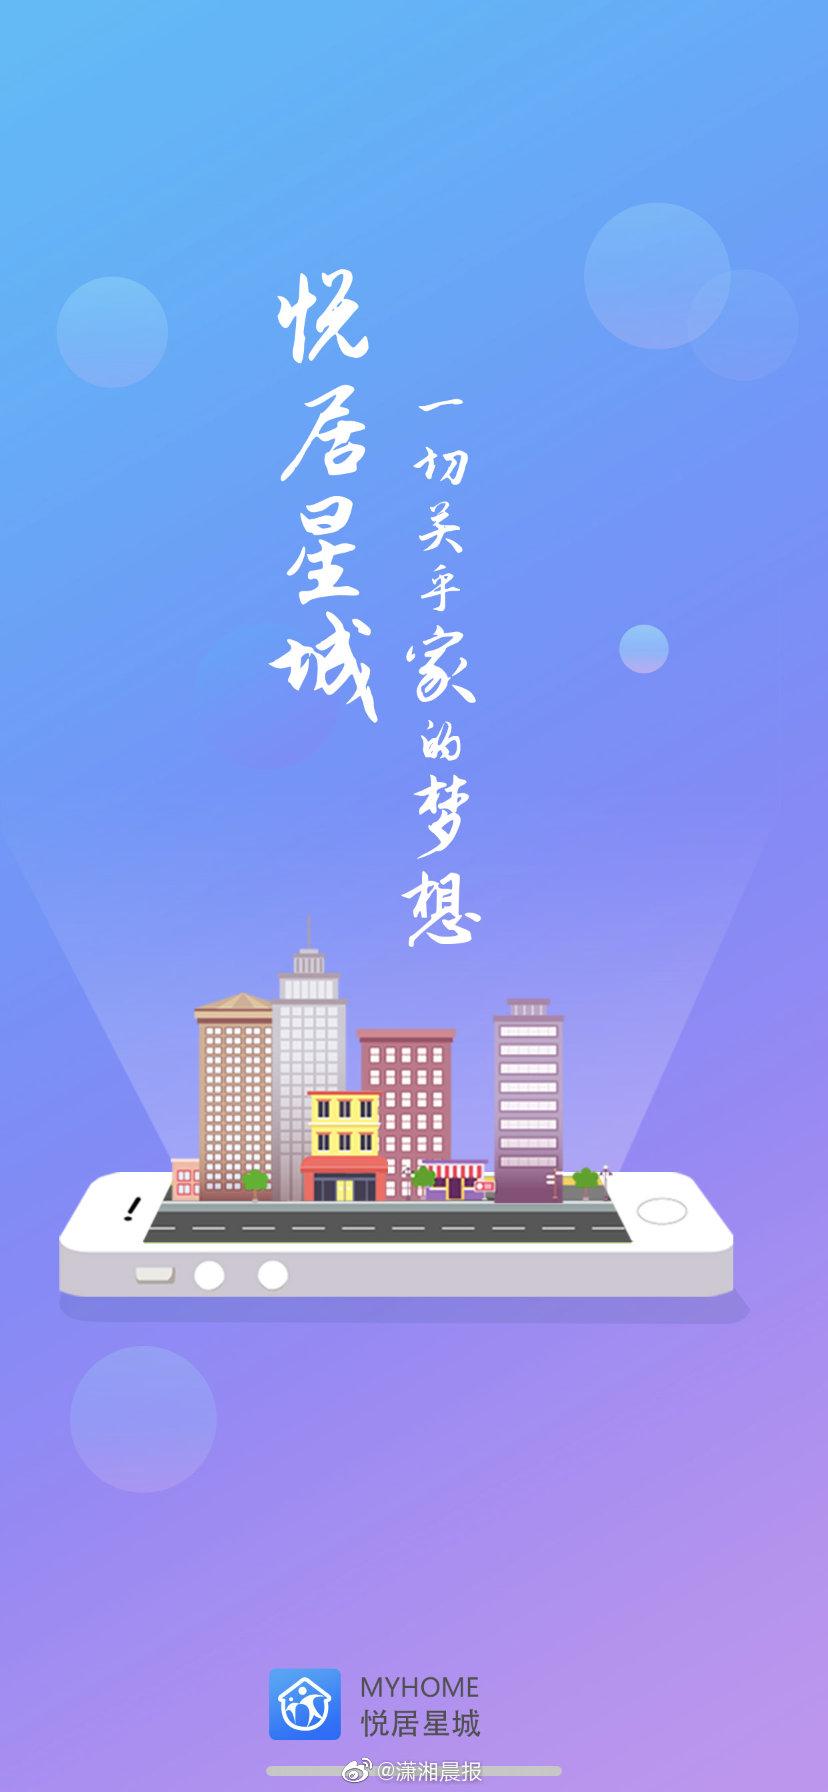 """""""悦居星城""""正式更名为""""长沙住房"""" 新增契税、维修资金查询等功能"""